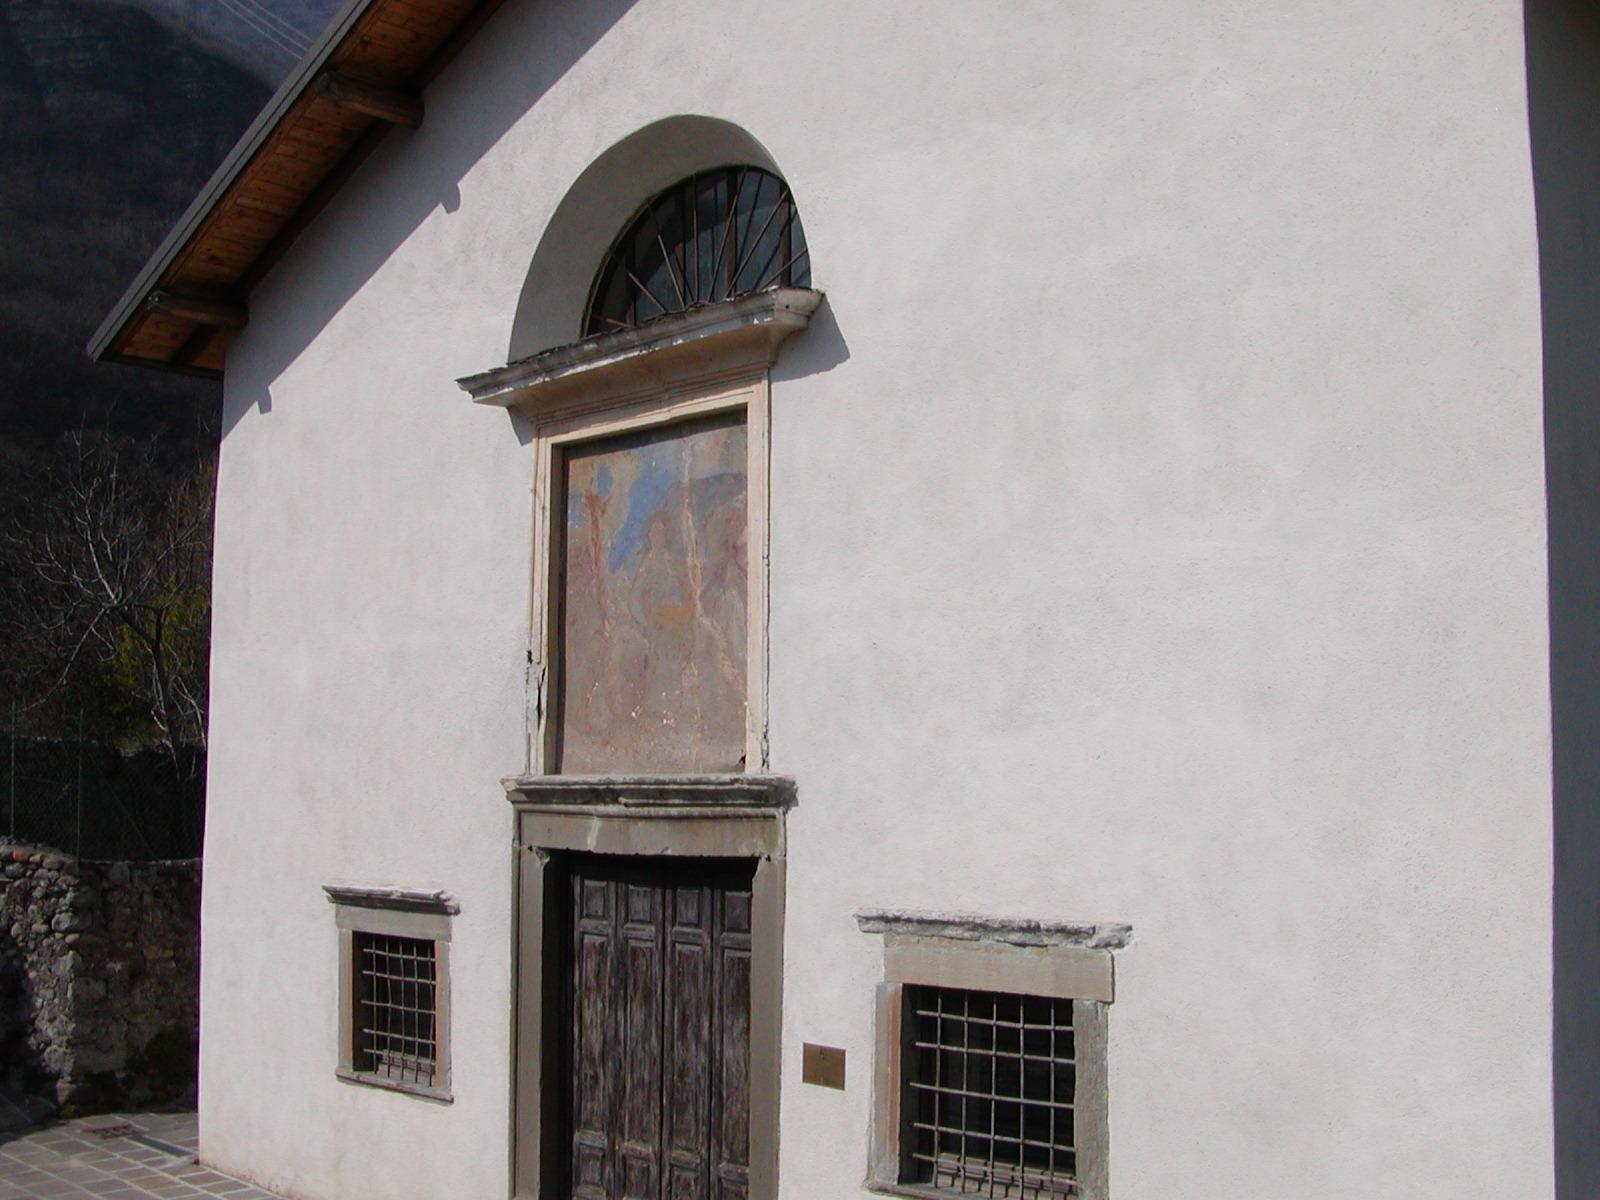 Studio-di-architettura-Baisotti-Sigala-prgetti199